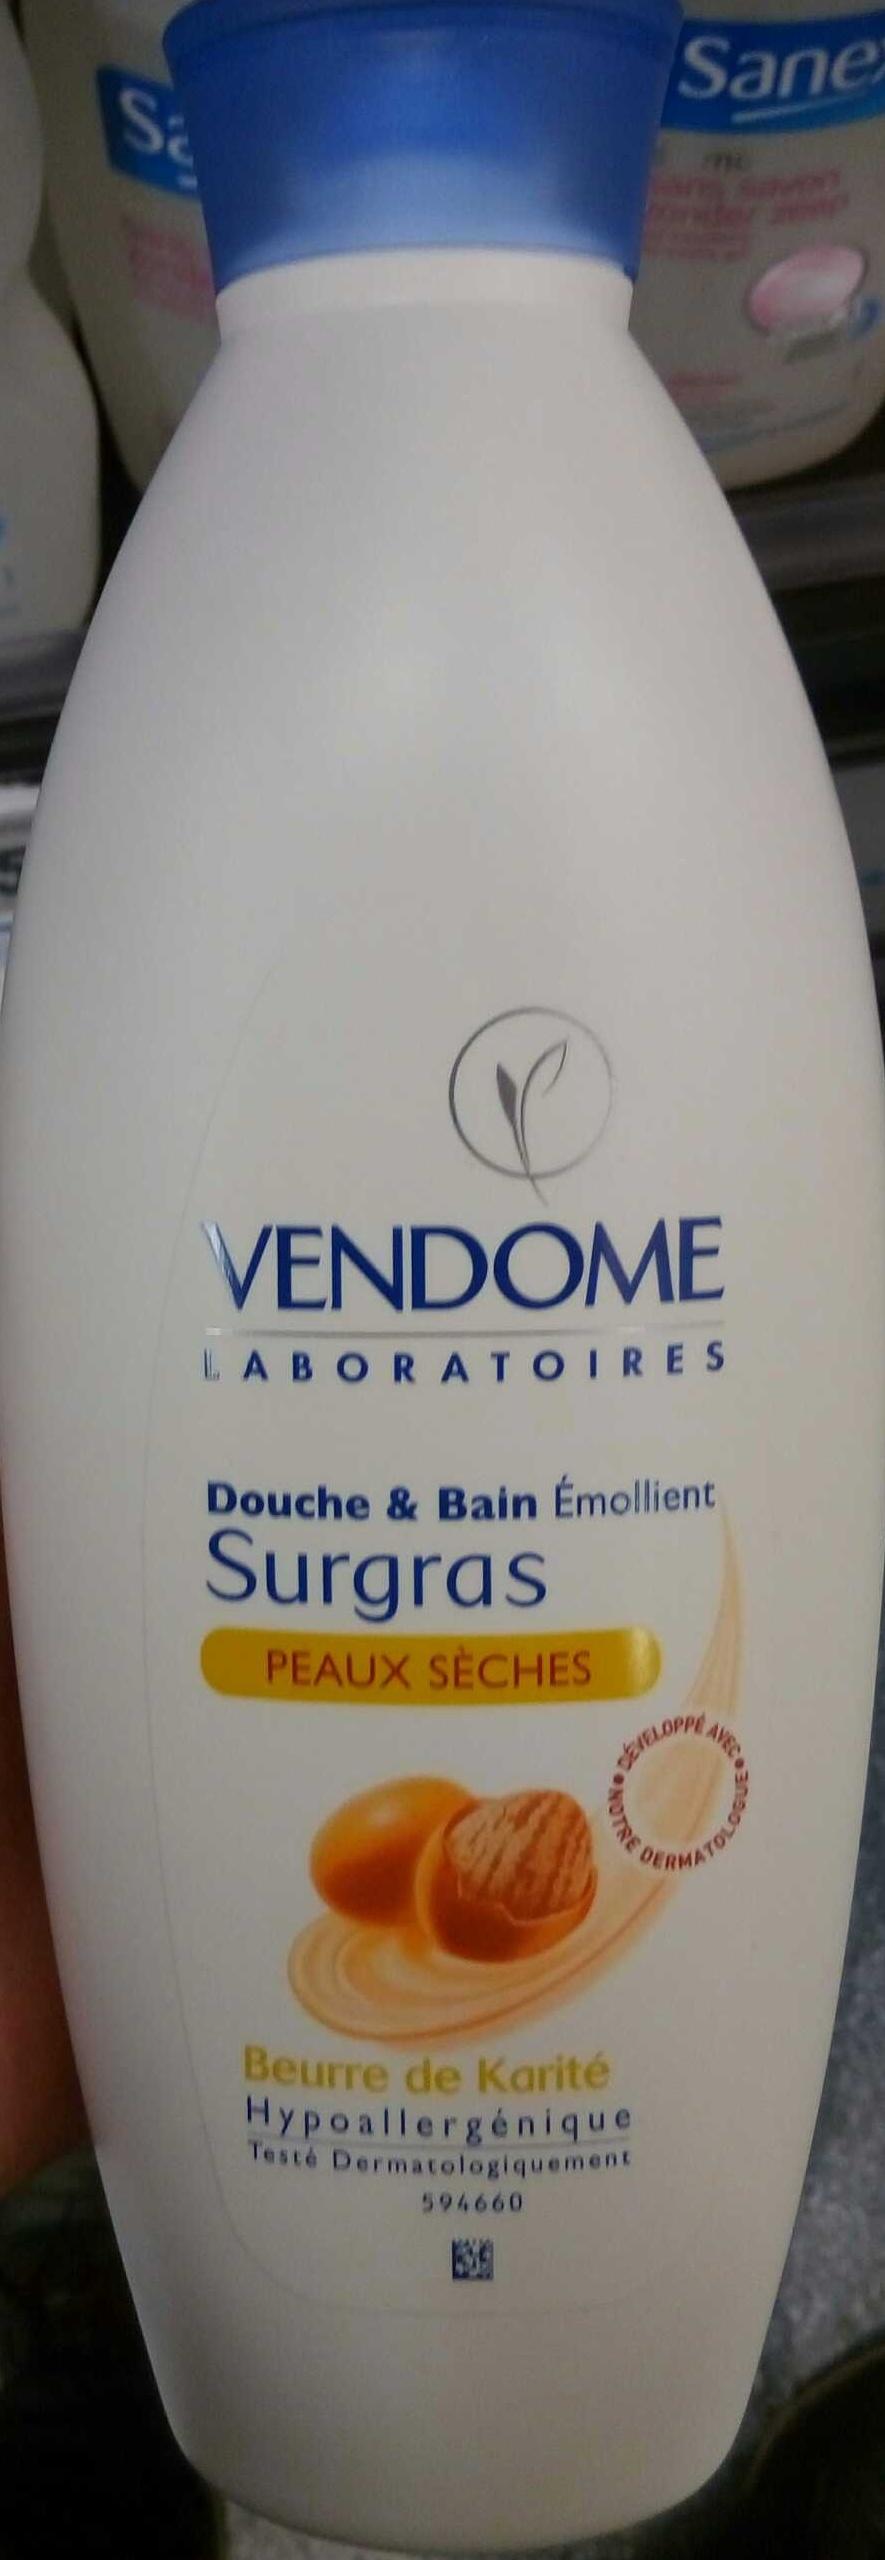 Douche & Bain Emollient Surgras - Produit - fr